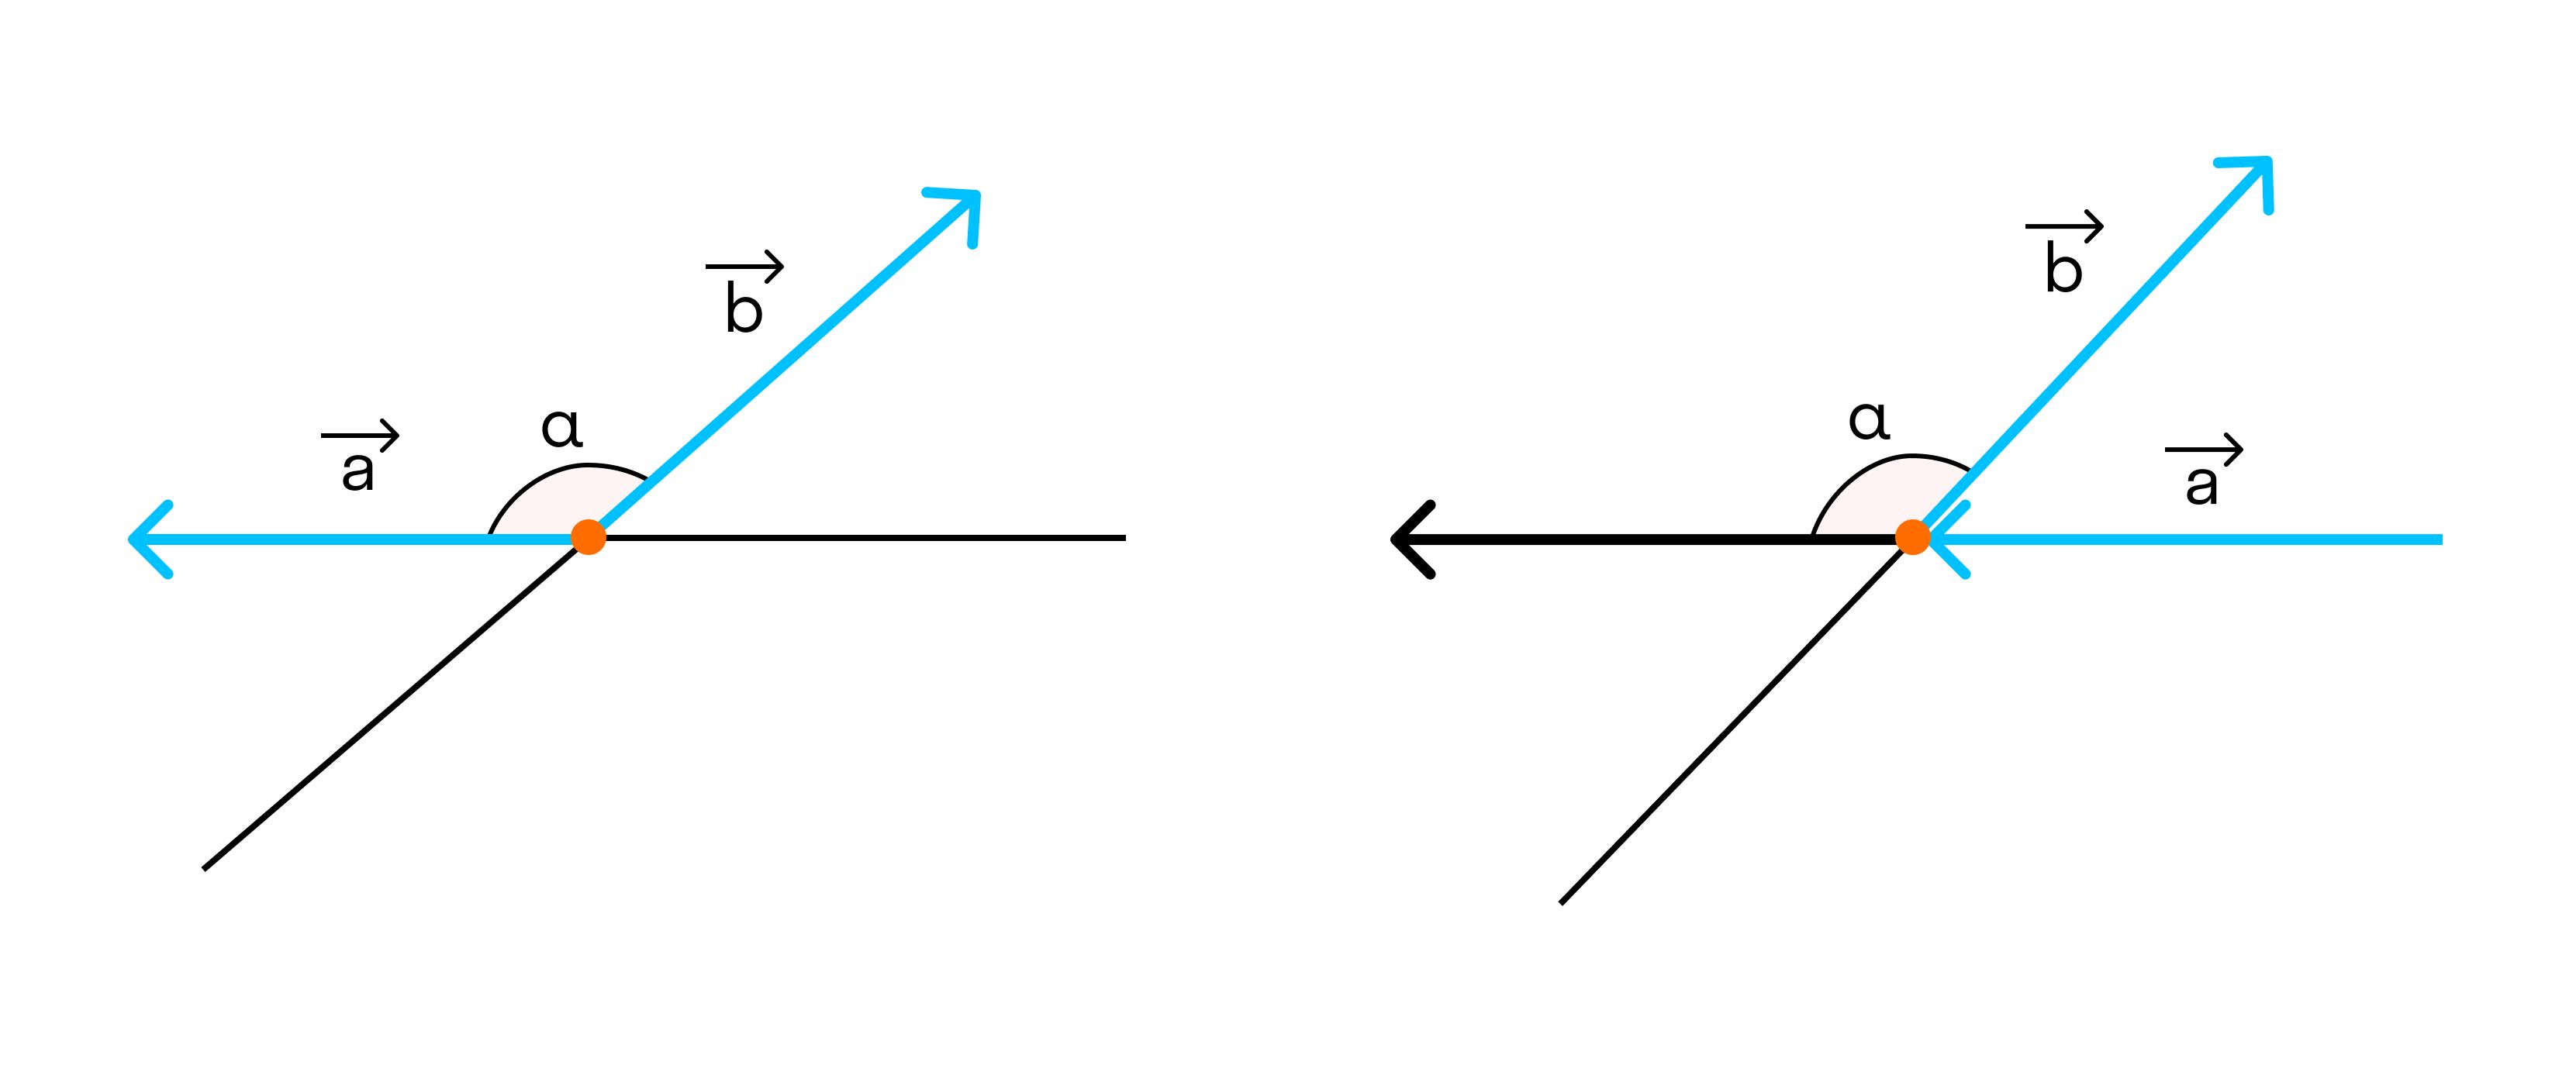 Также векторы могут образовывать тупой угол